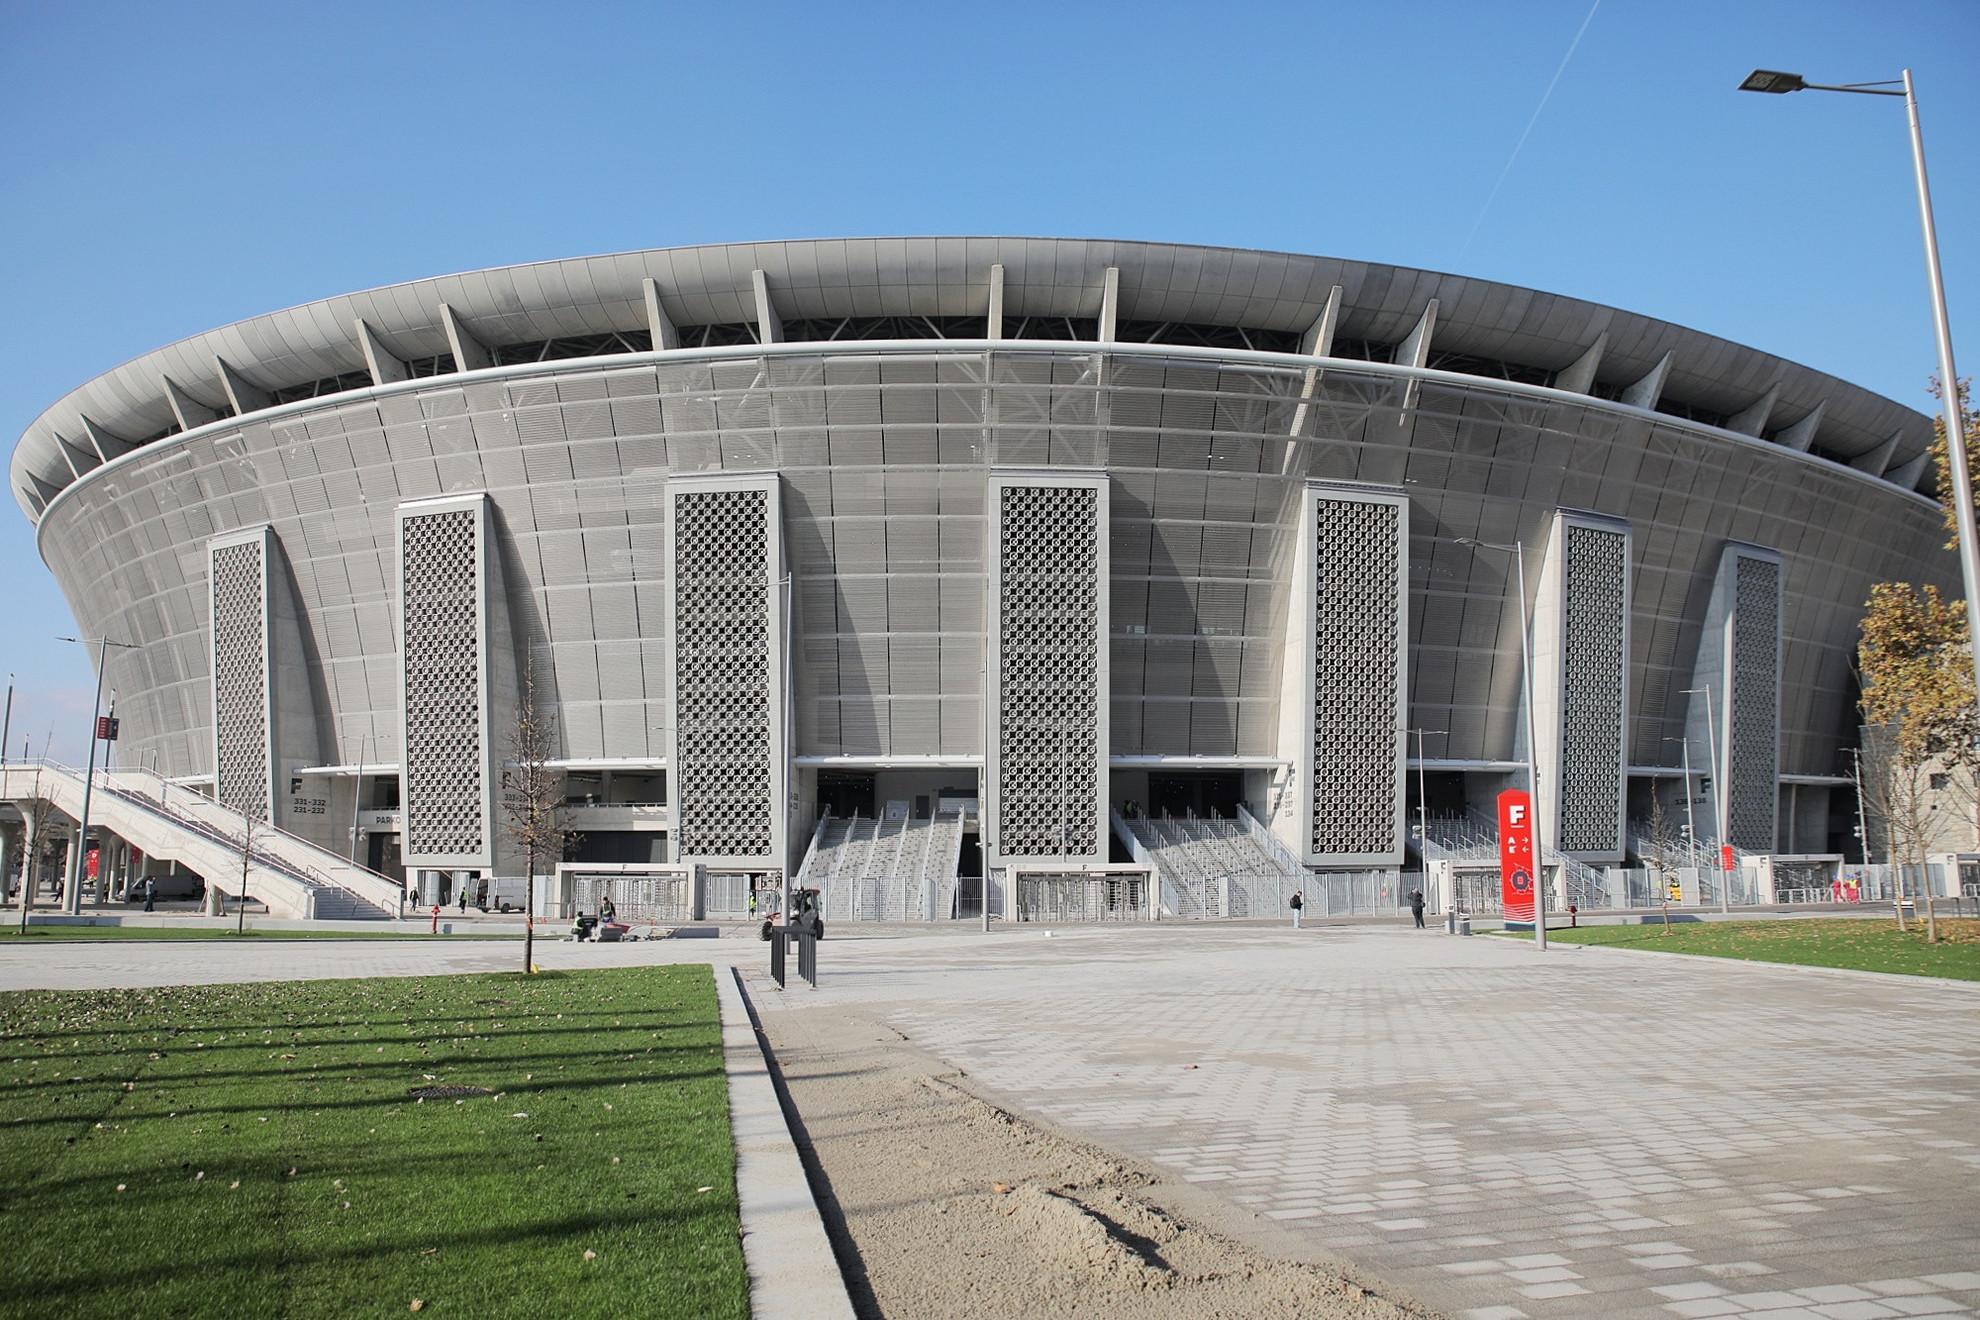 Az új Puskás Aréna milliméter pontosan oda épült, ahol az elődje állt